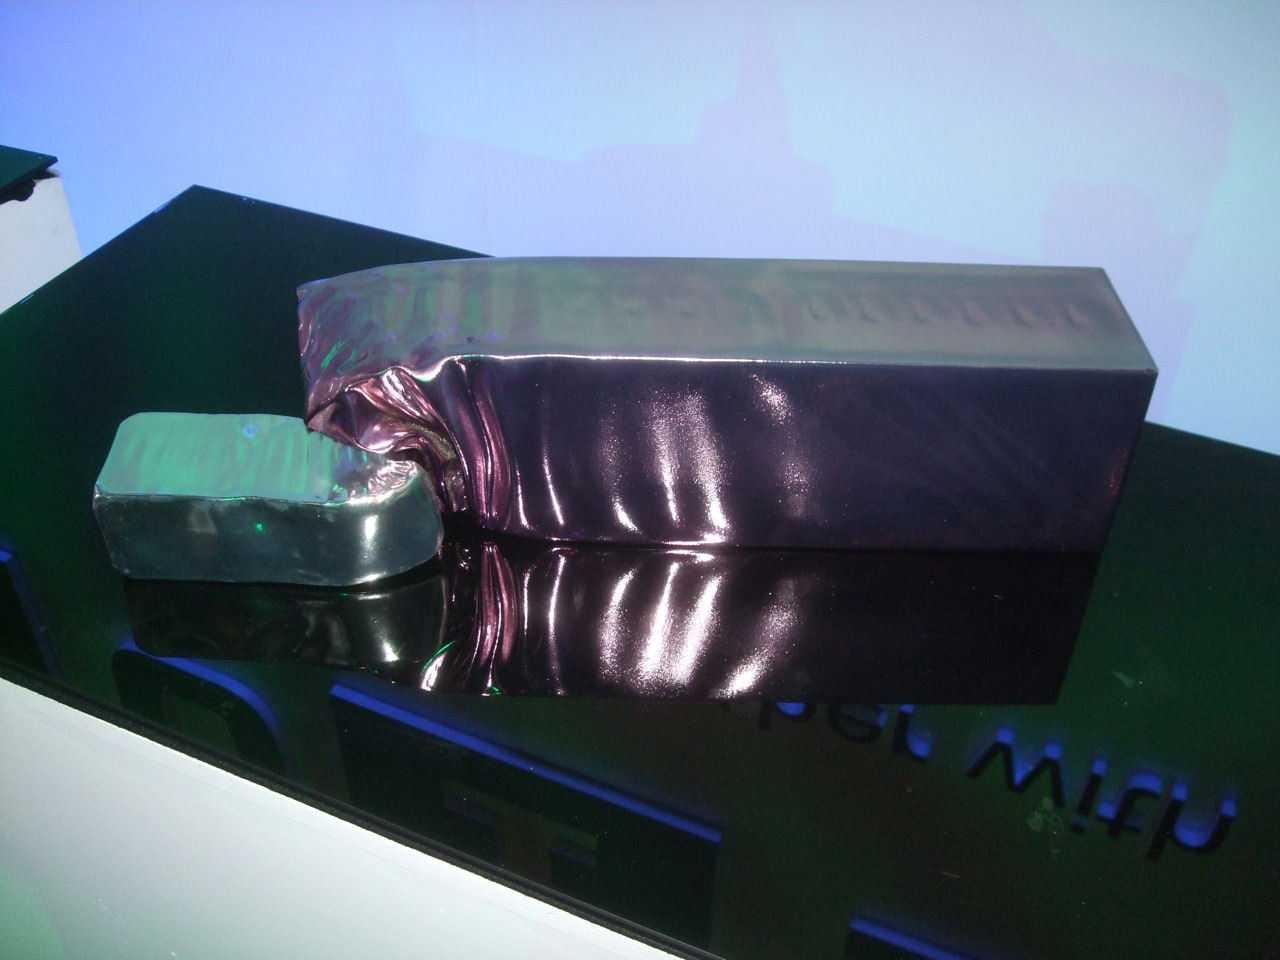 Eyal Gever lässt am Computer erstellte Simulationen etwa von Zusammenstößen von Gegenständen, Explosionen oder Tsunami-Wellen per 3D-Druck nachbilden.